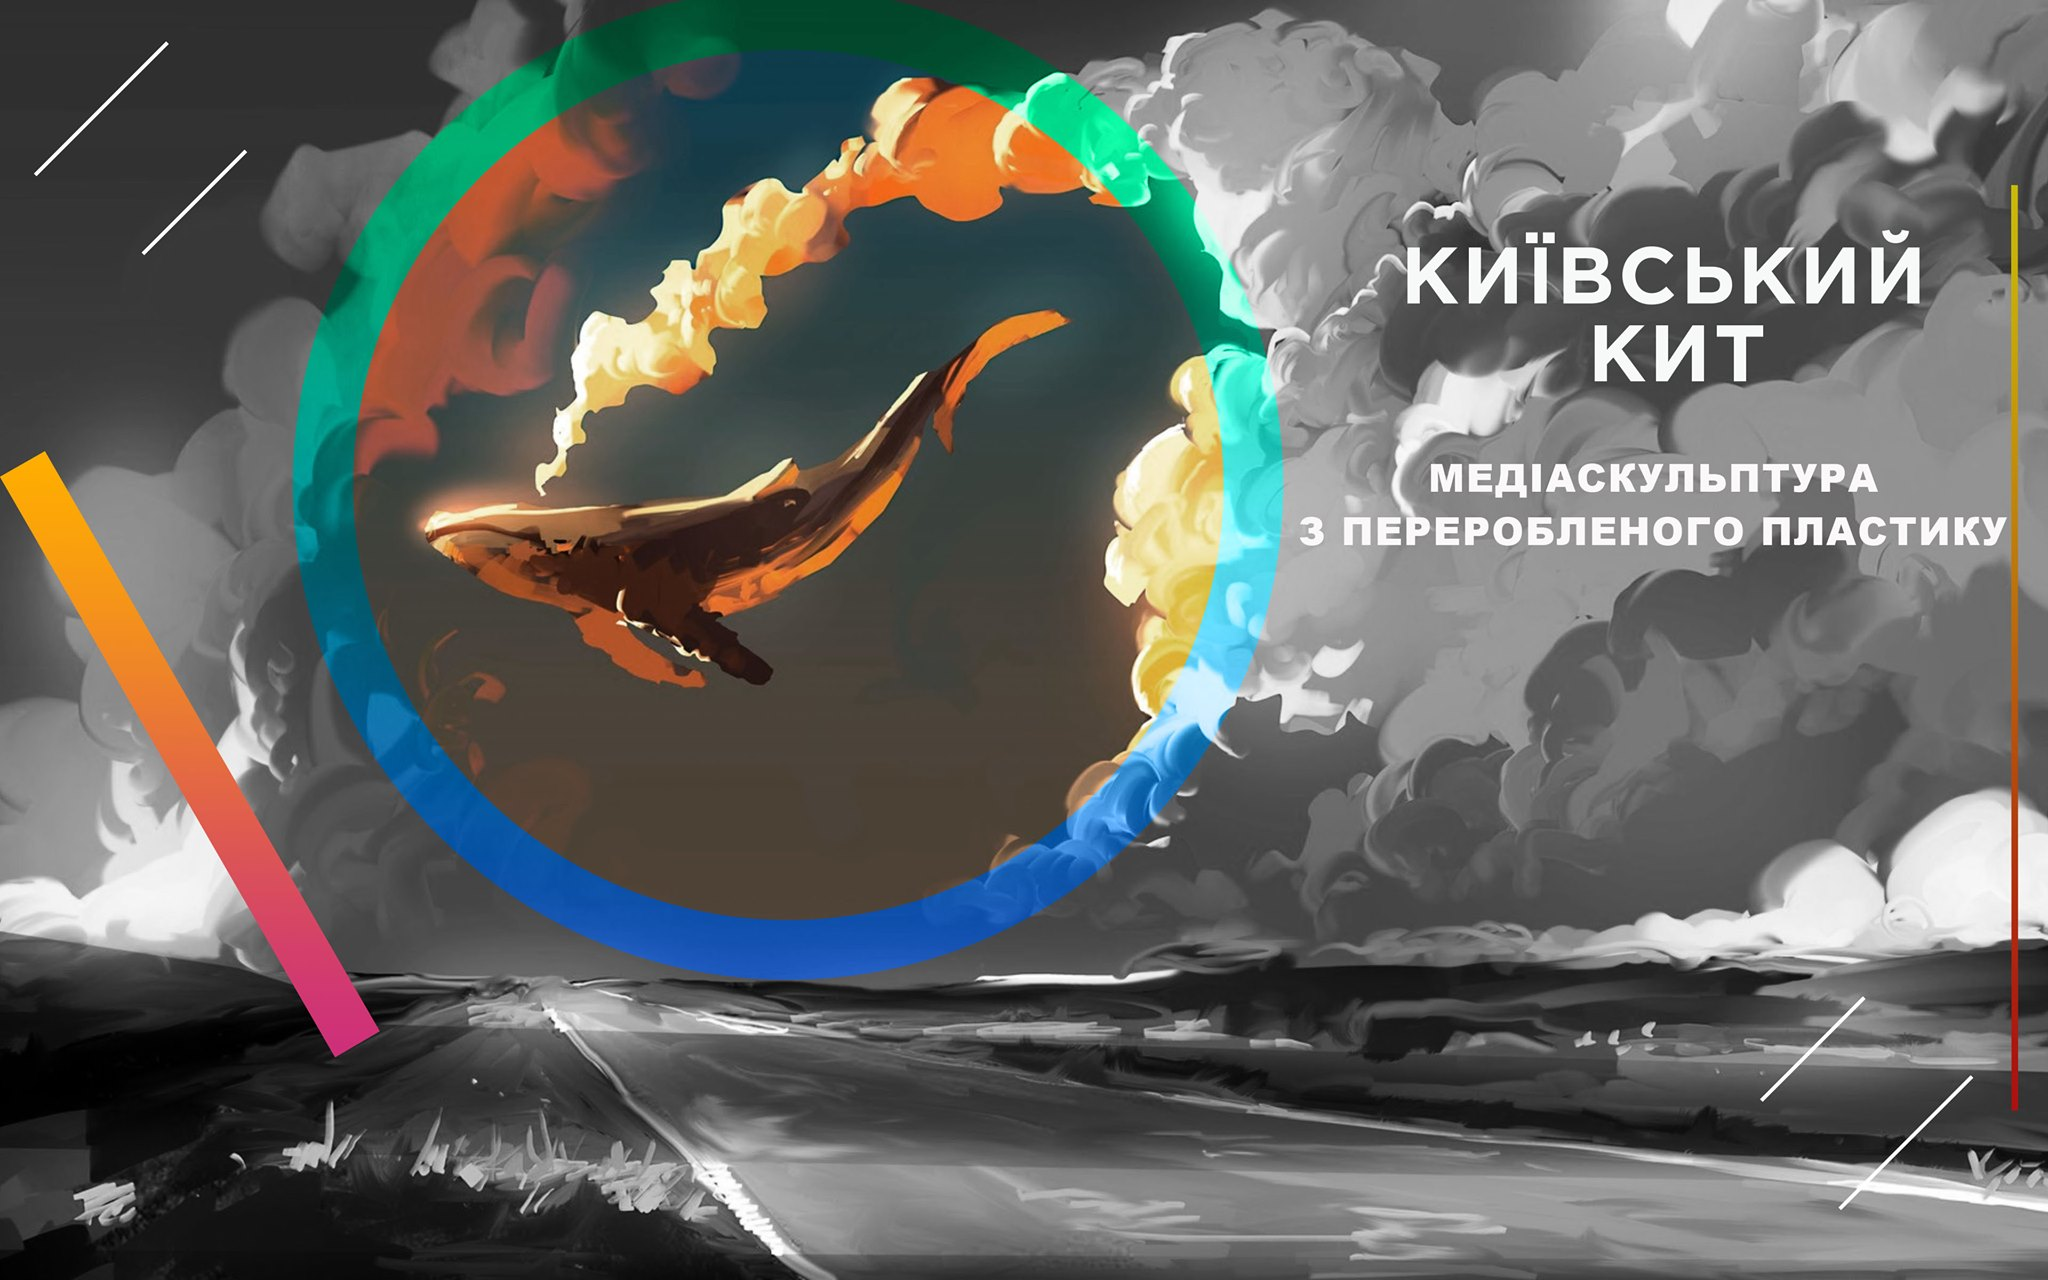 В Киеве открыли самую большую в Украине скульптуру из переработанного пластика. Это кит